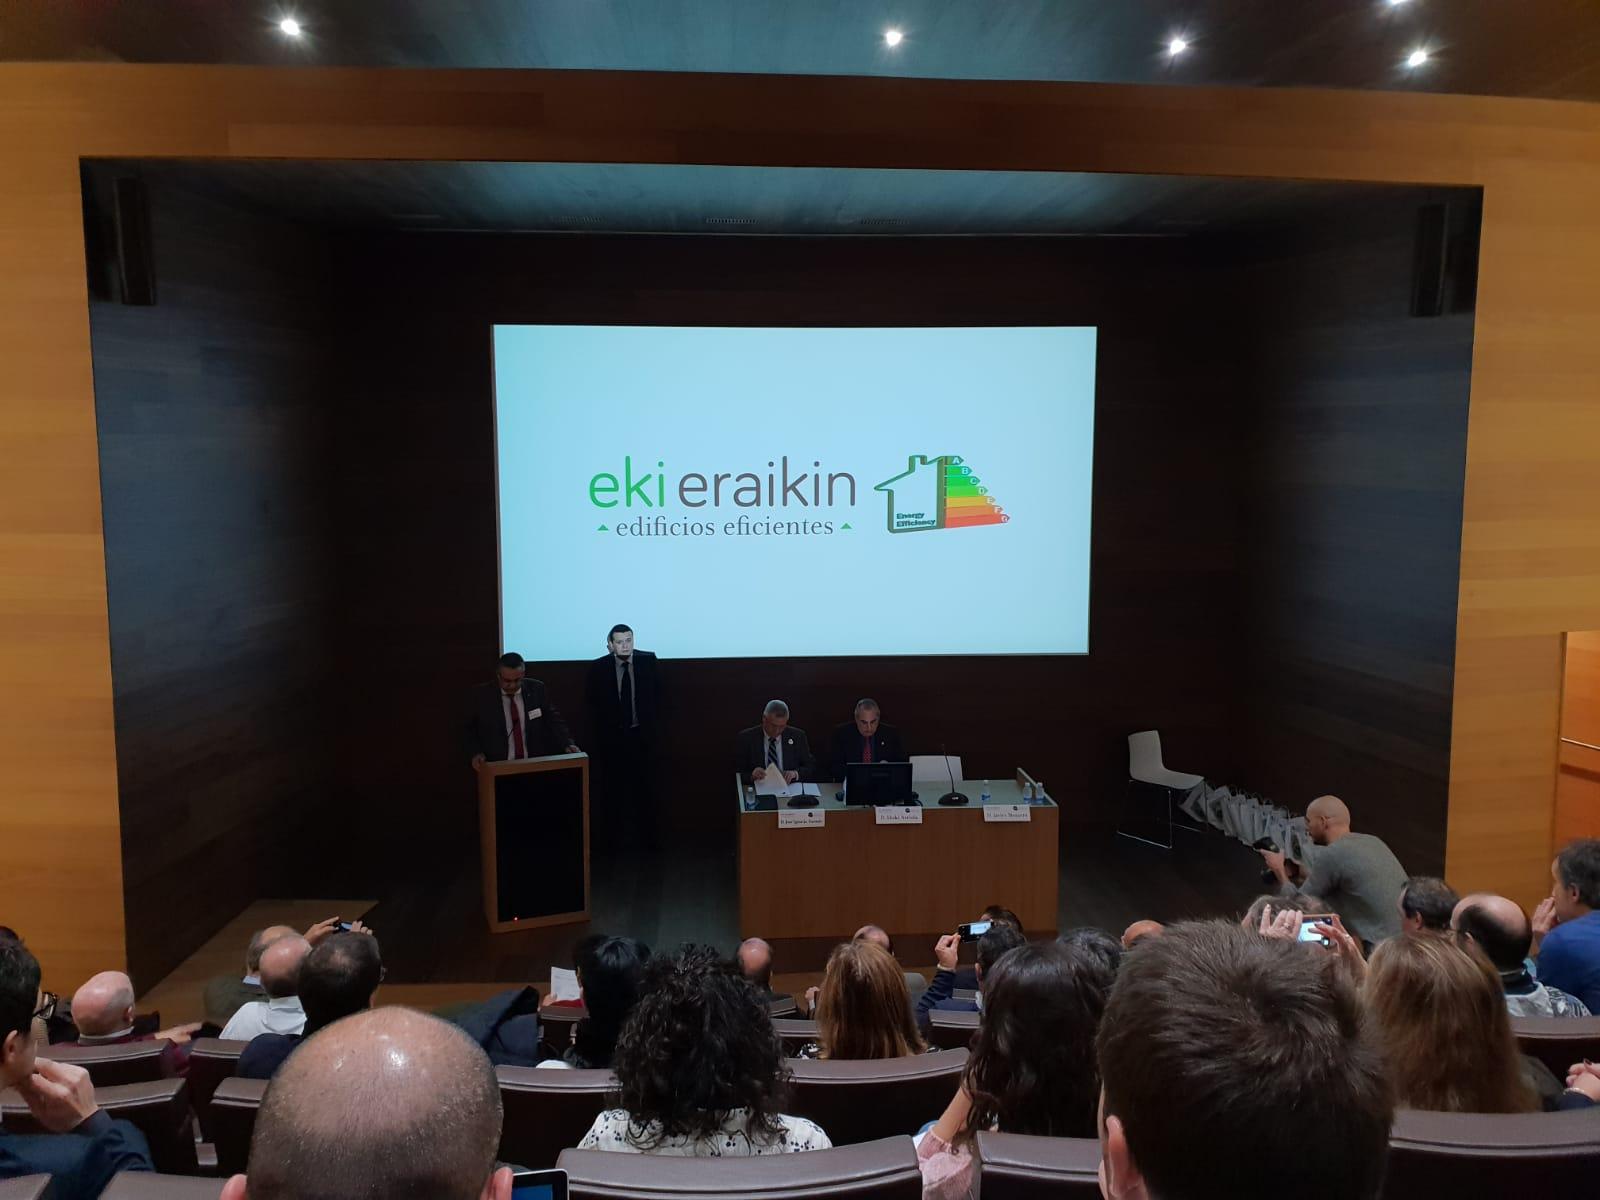 imagen 4 de noticia: impartimos-ponencia-en-el-i-encuentro-ekieraikin-organizado-por-cafguial